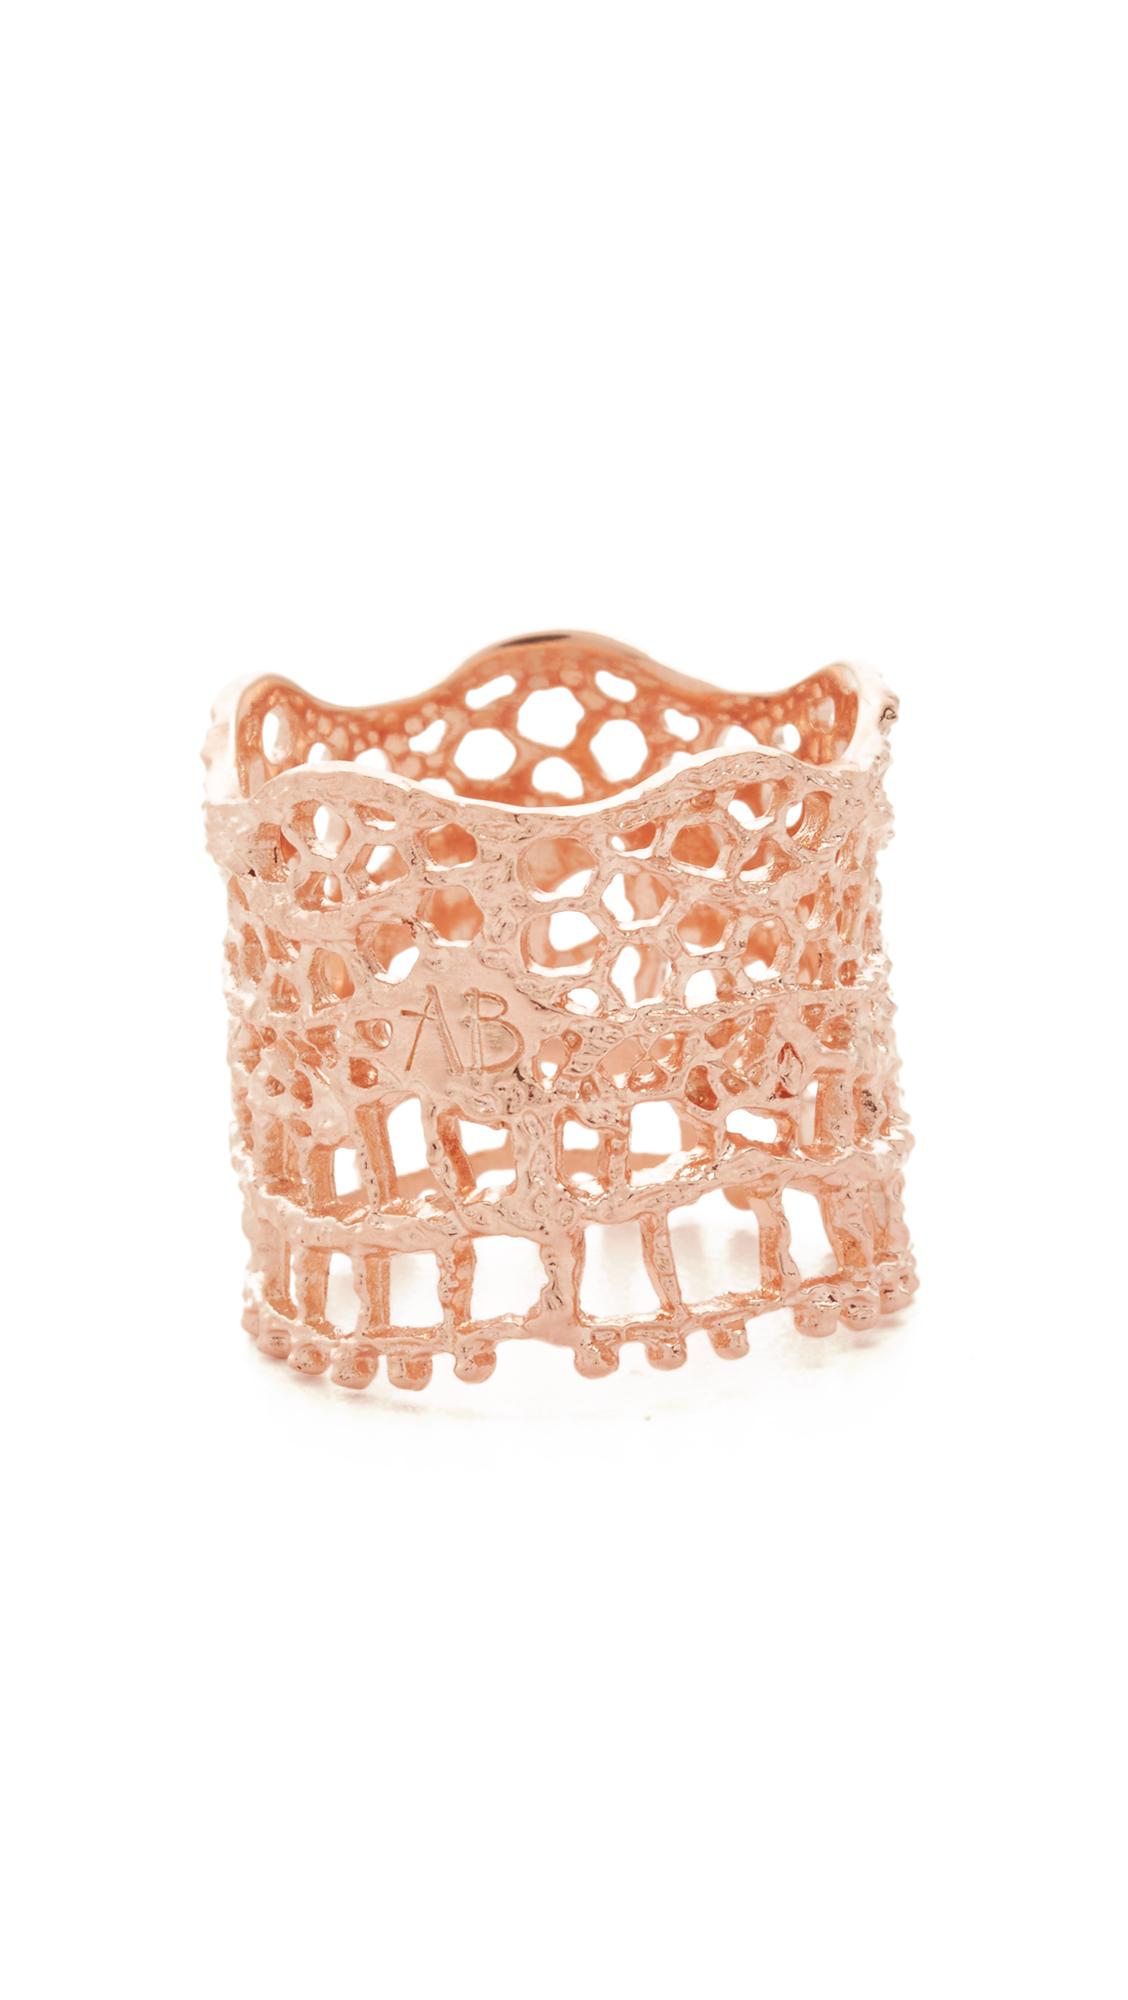 Aurelie Bidermann Vintage Lace Ring - Rose Gold at Shopbop